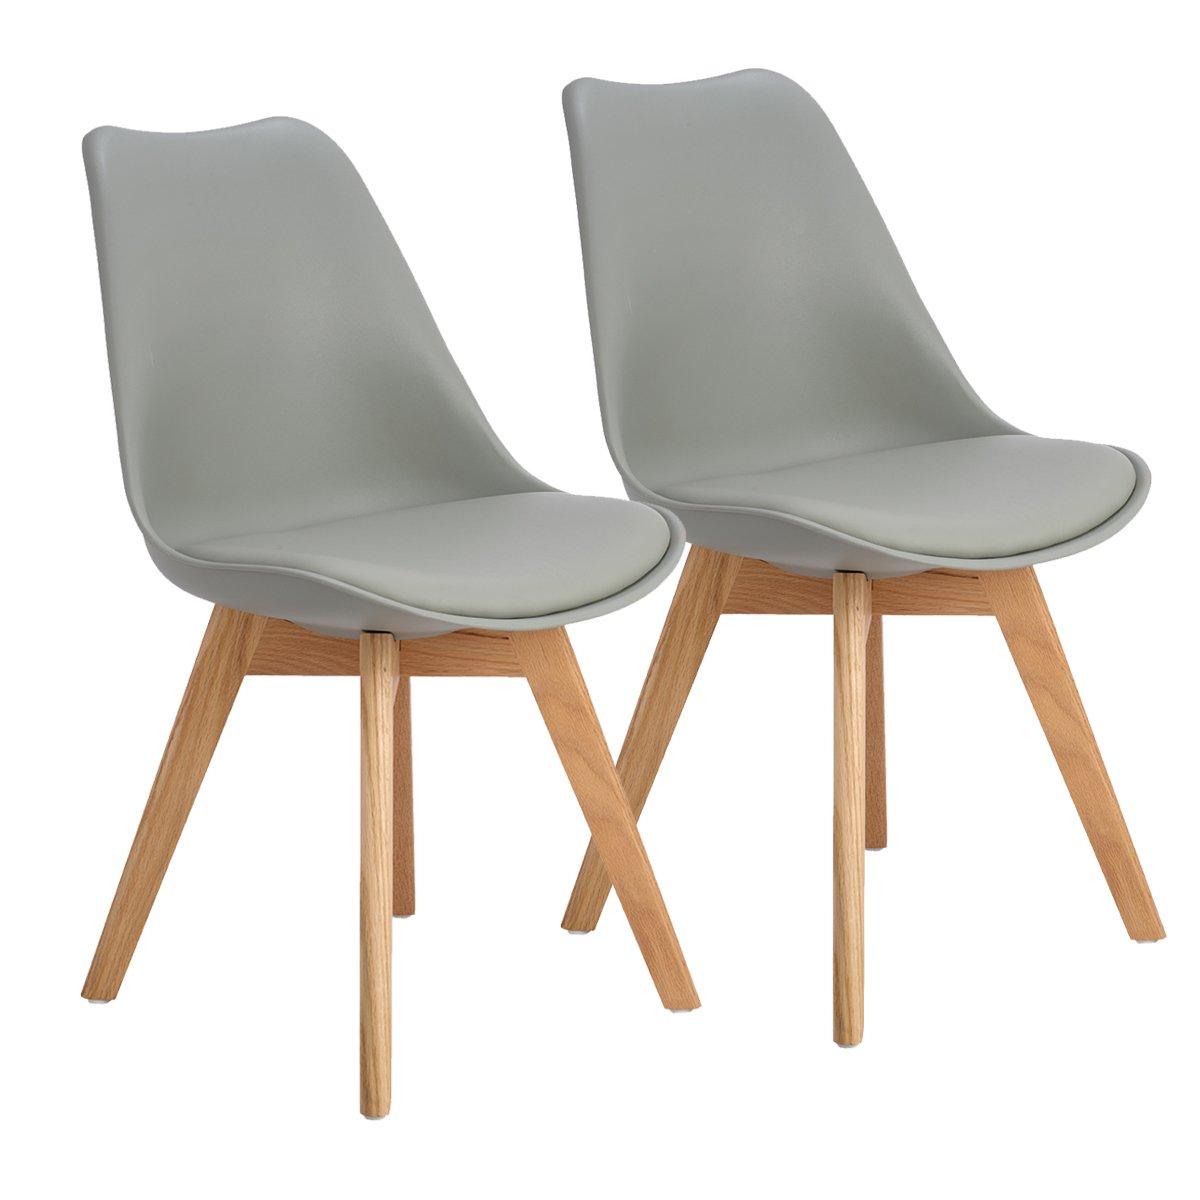 Sympathisch Stühle Modern Galerie Von Eggree 2er Set Esszimmerstühle Skandinavisch Küchenstuhl Stühle